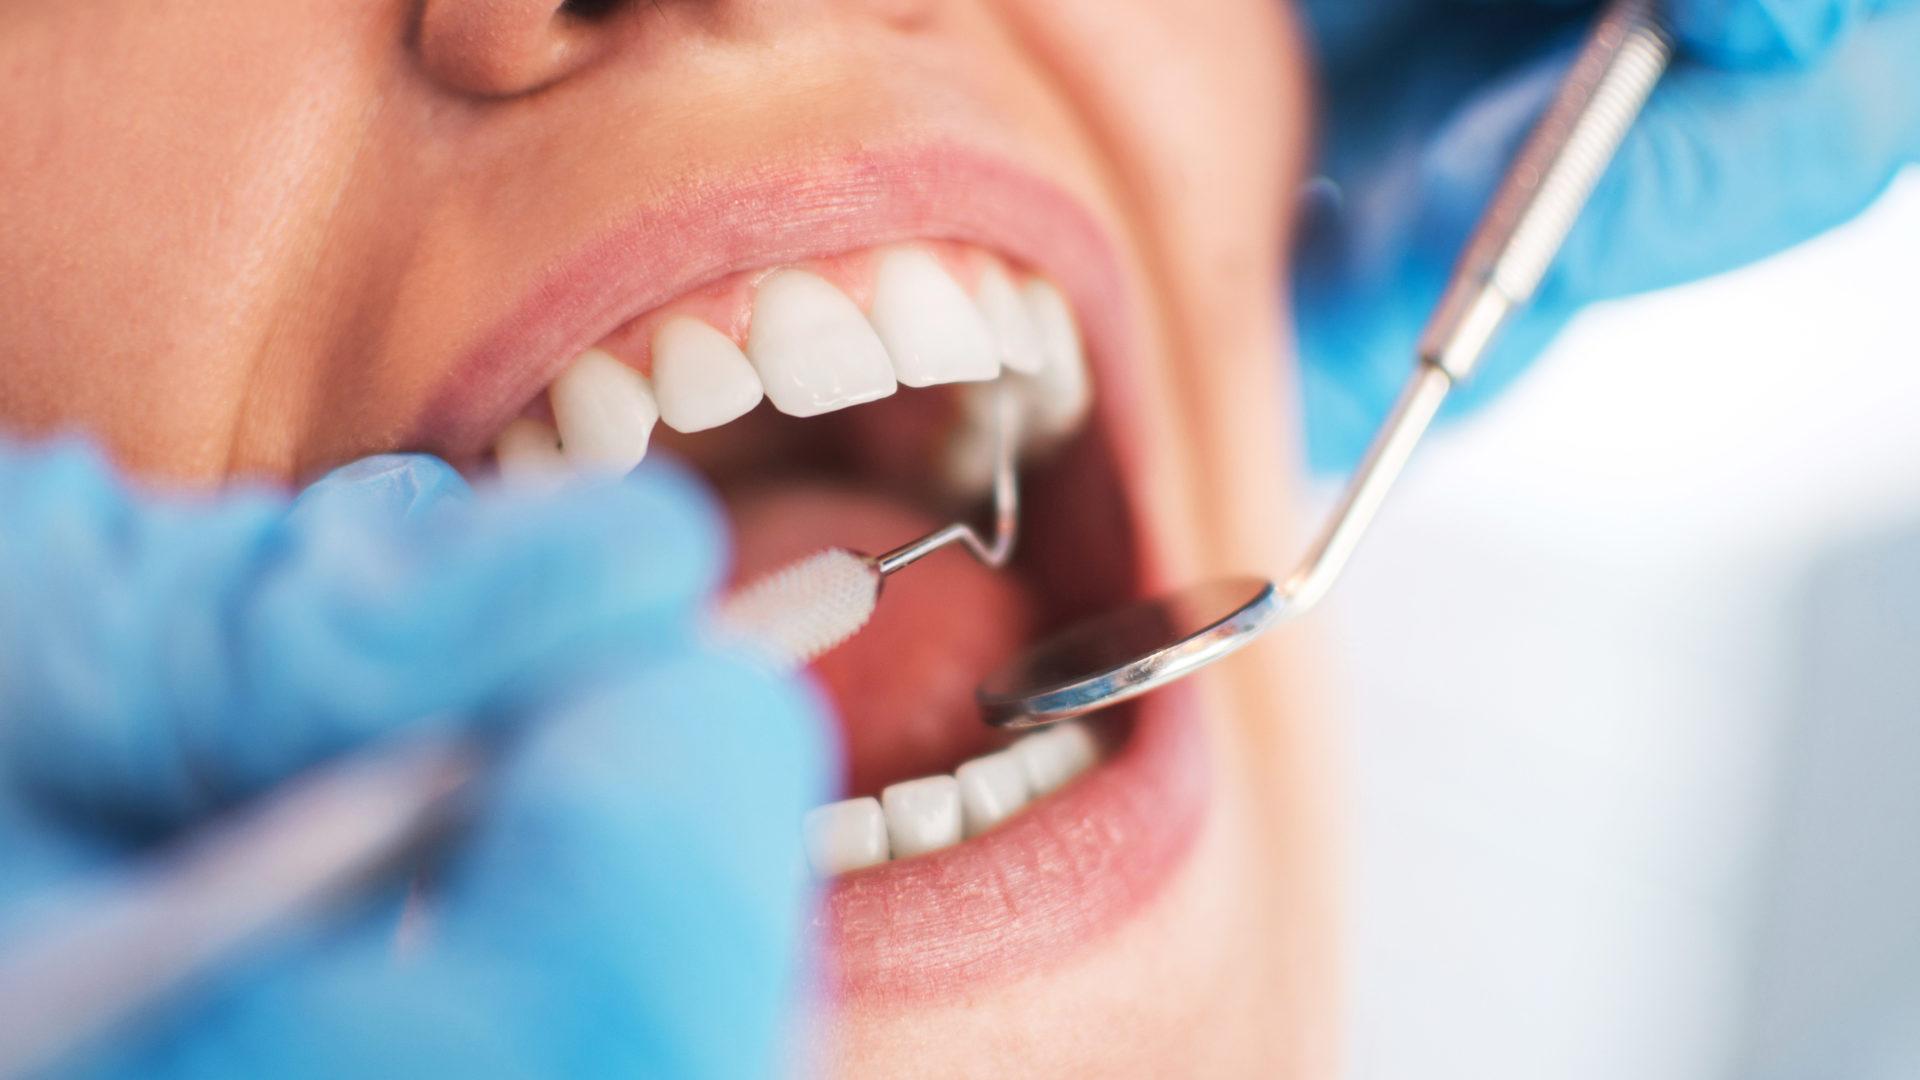 Poskiontelotulehdus voi alkaa hampaiden juurien tulehduksesta.